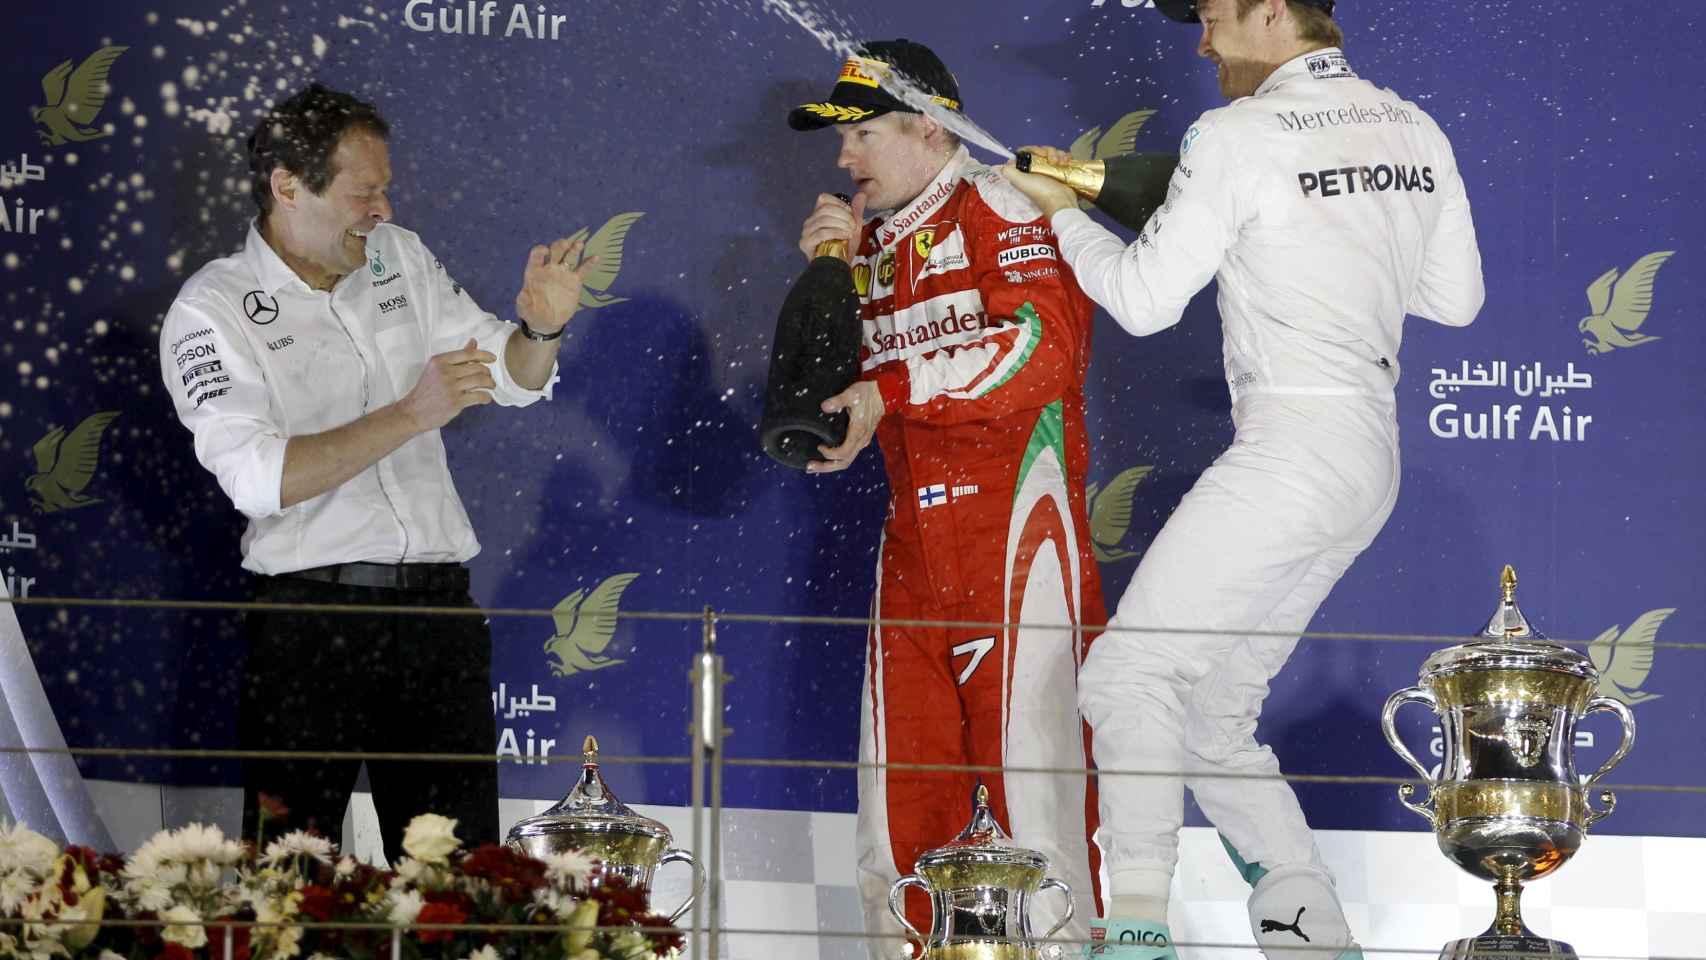 Podio del GP de Bahrein.